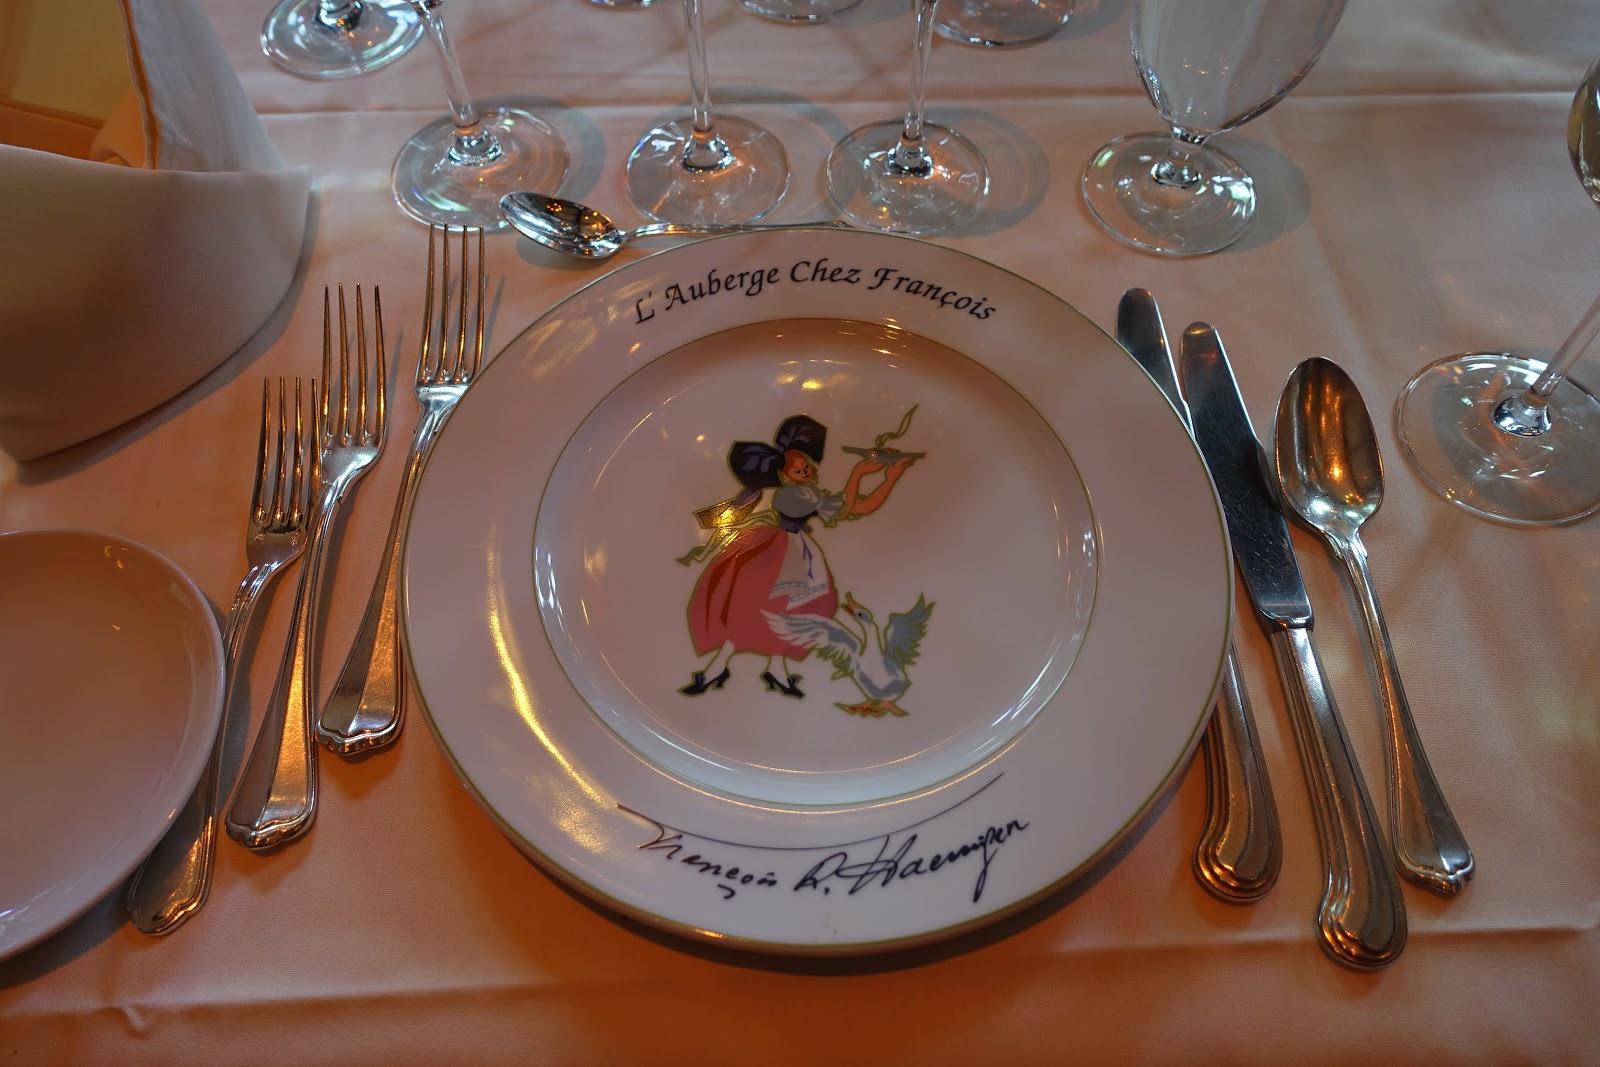 Schiller wine entre deux mers wines and alsatian cuisine for Alsatian cuisine